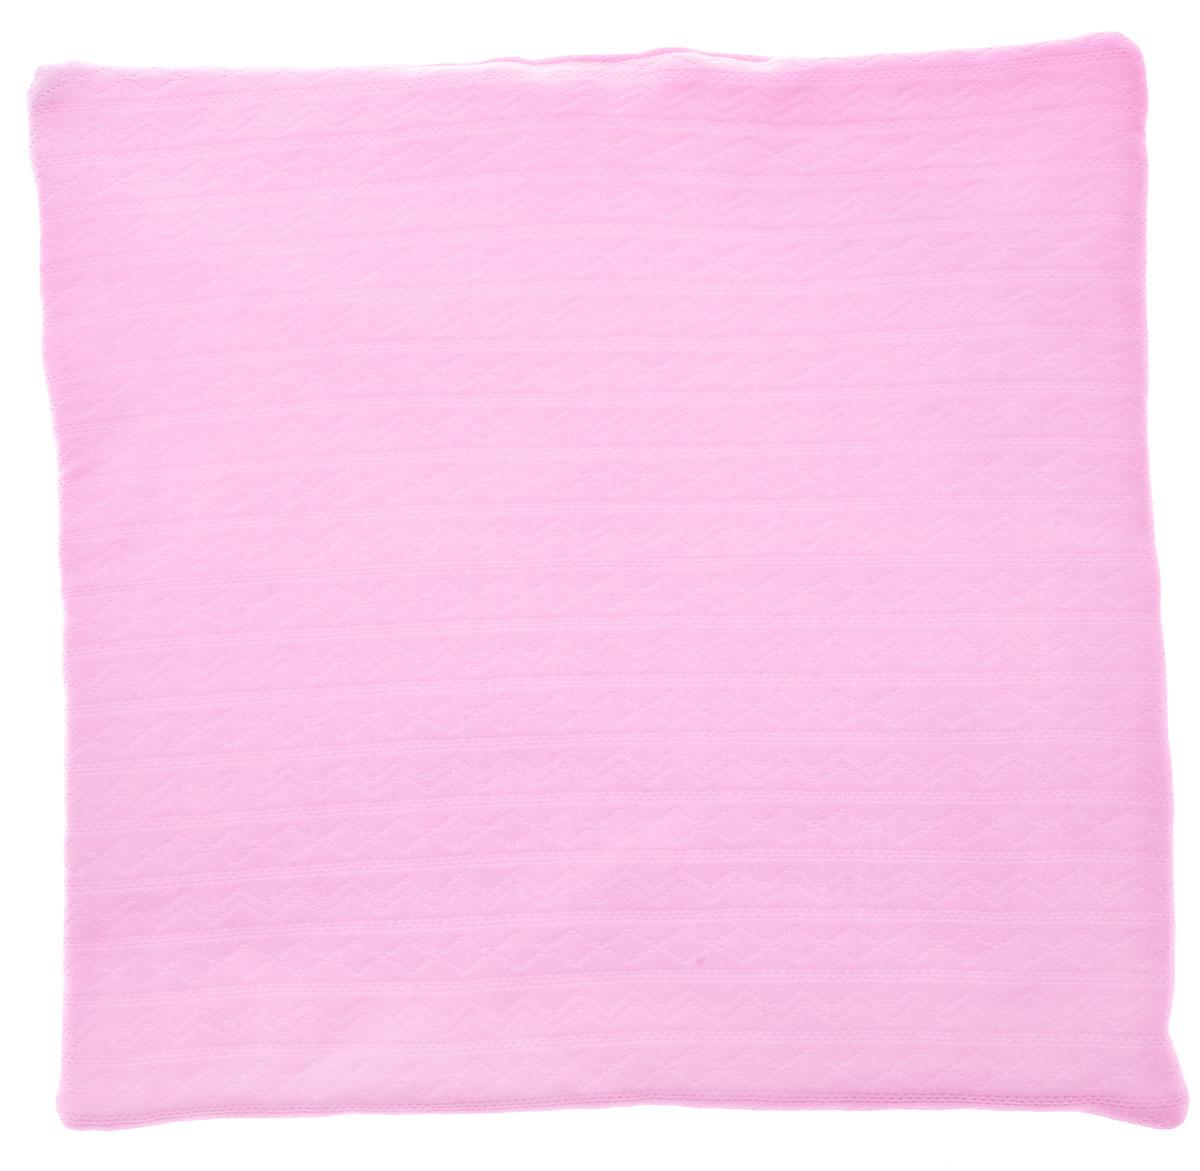 Ням-Ням Подушка детская цвет розовый 35 см х 35 см